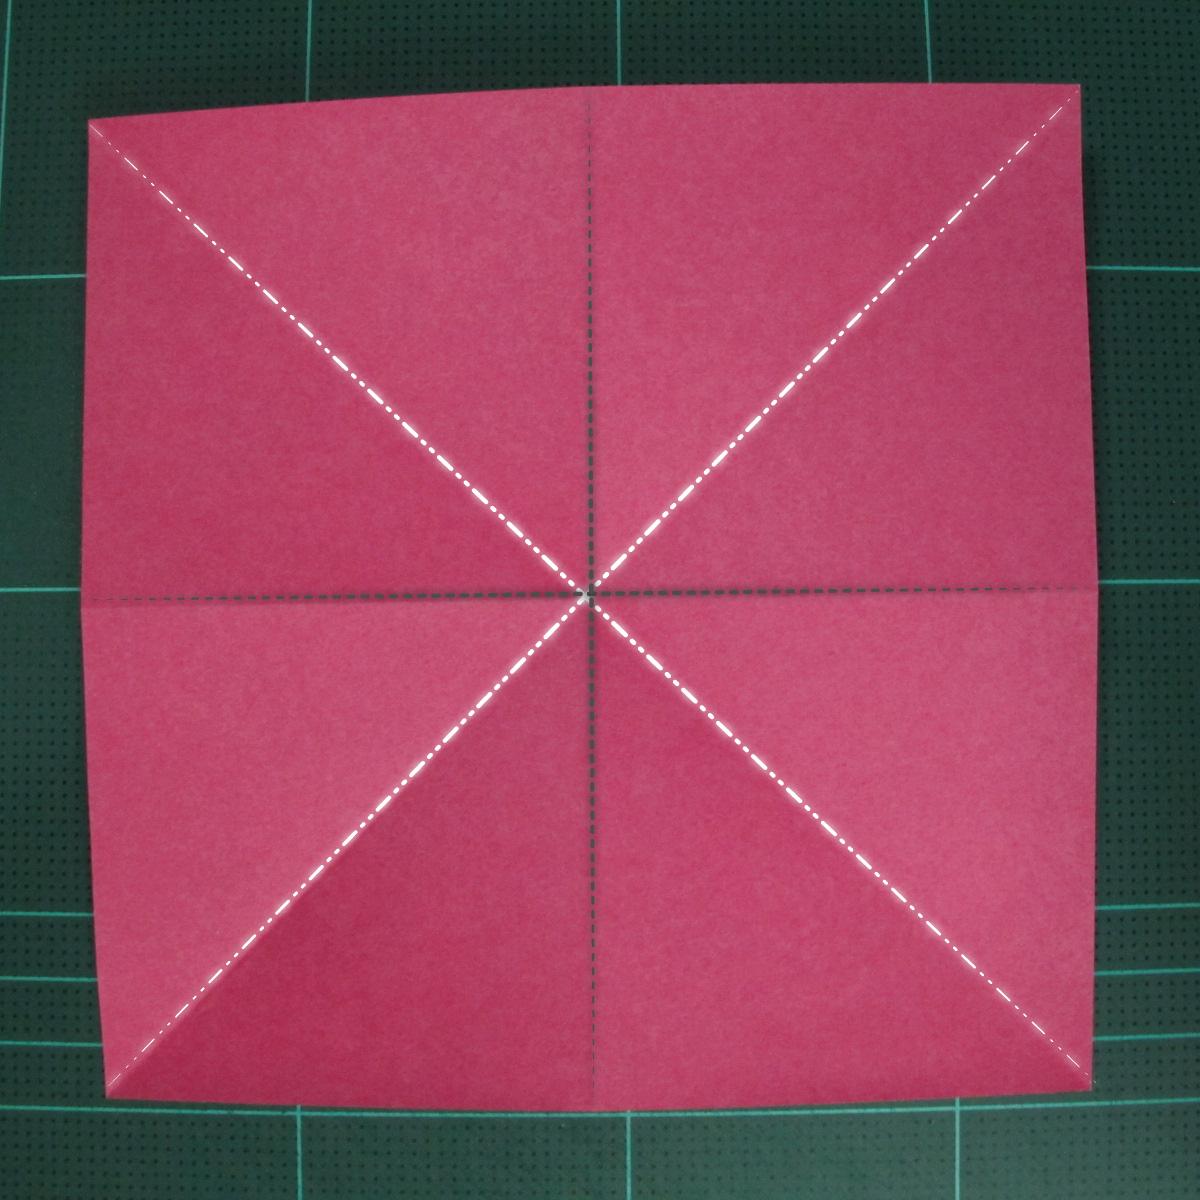 การพับฐานสี่เหลี่ยม (Origami Preliminary Base) 001